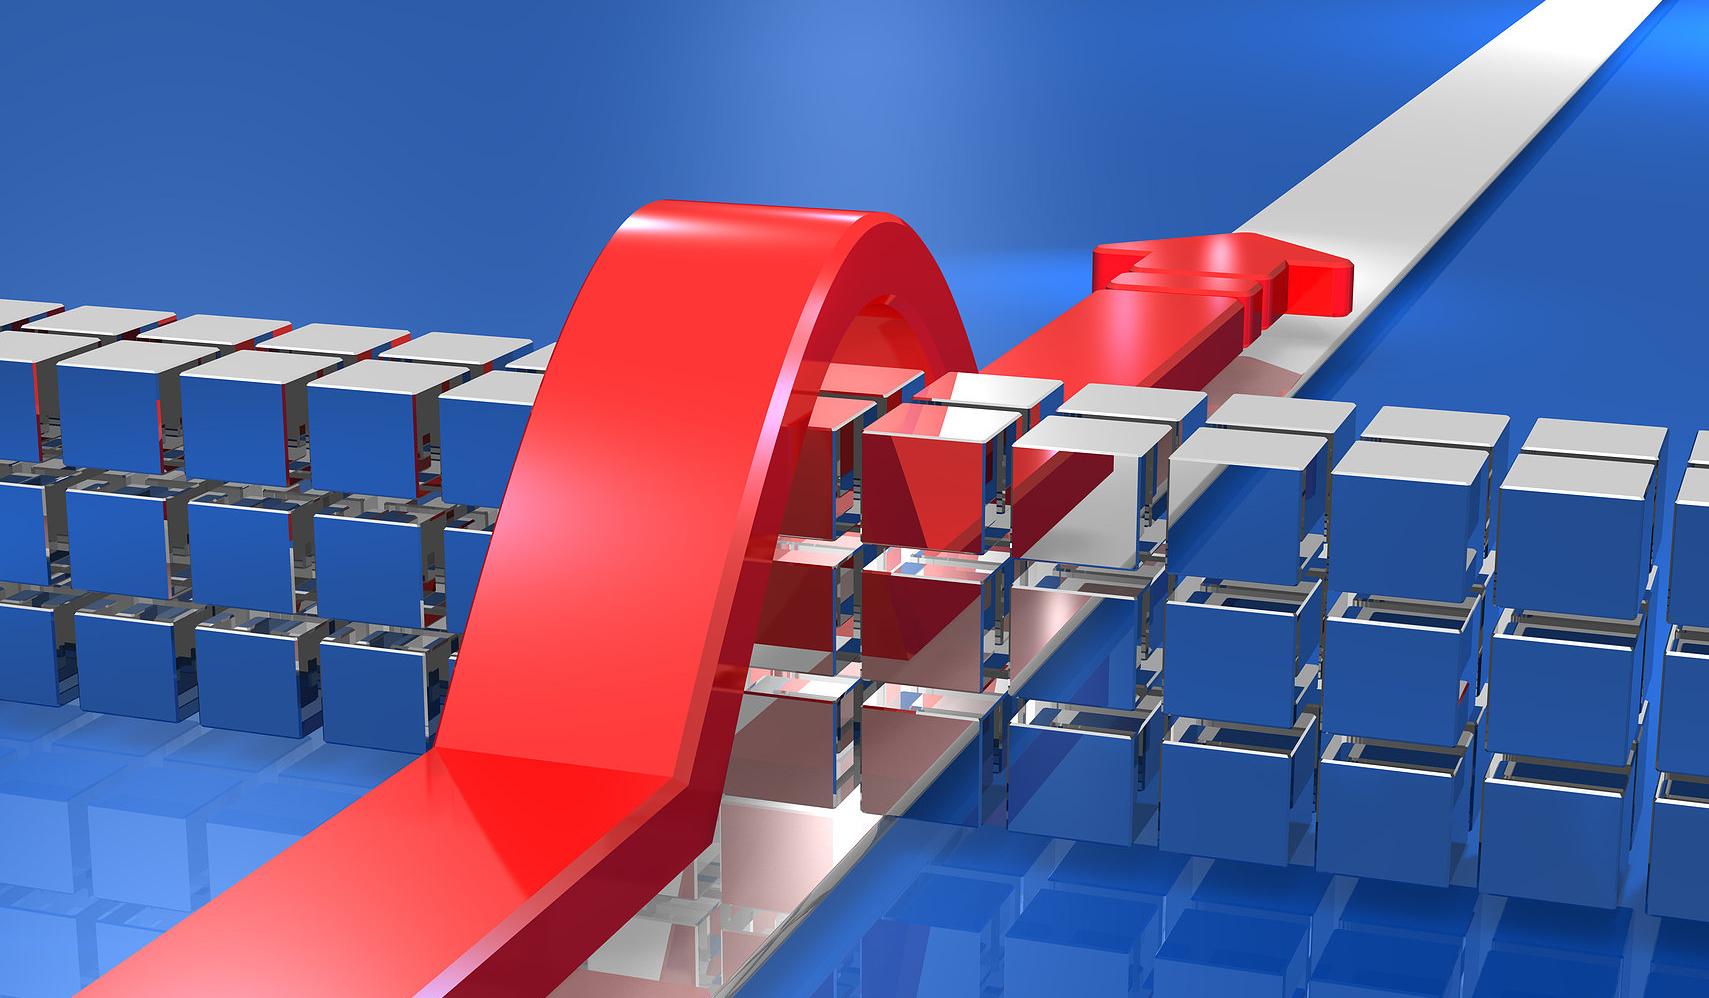 Продвинутое туннелирование: атакуем внутренние узлы корпоративной сети - 1